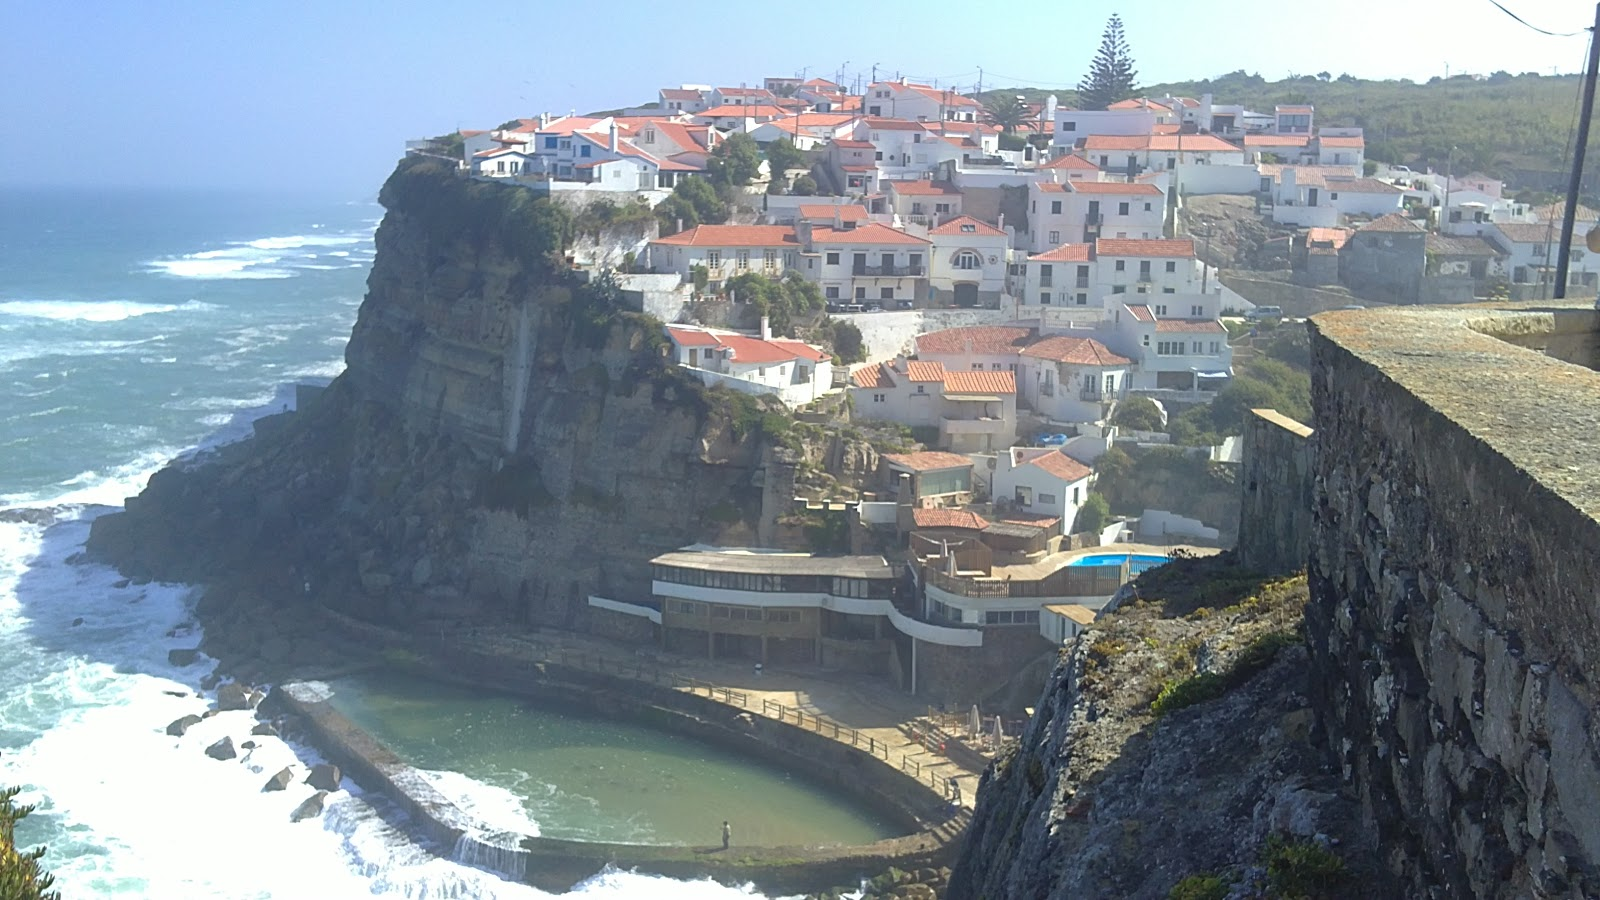 Lugares con encanto de espa a y portugal - Lugares con encanto madrid ...